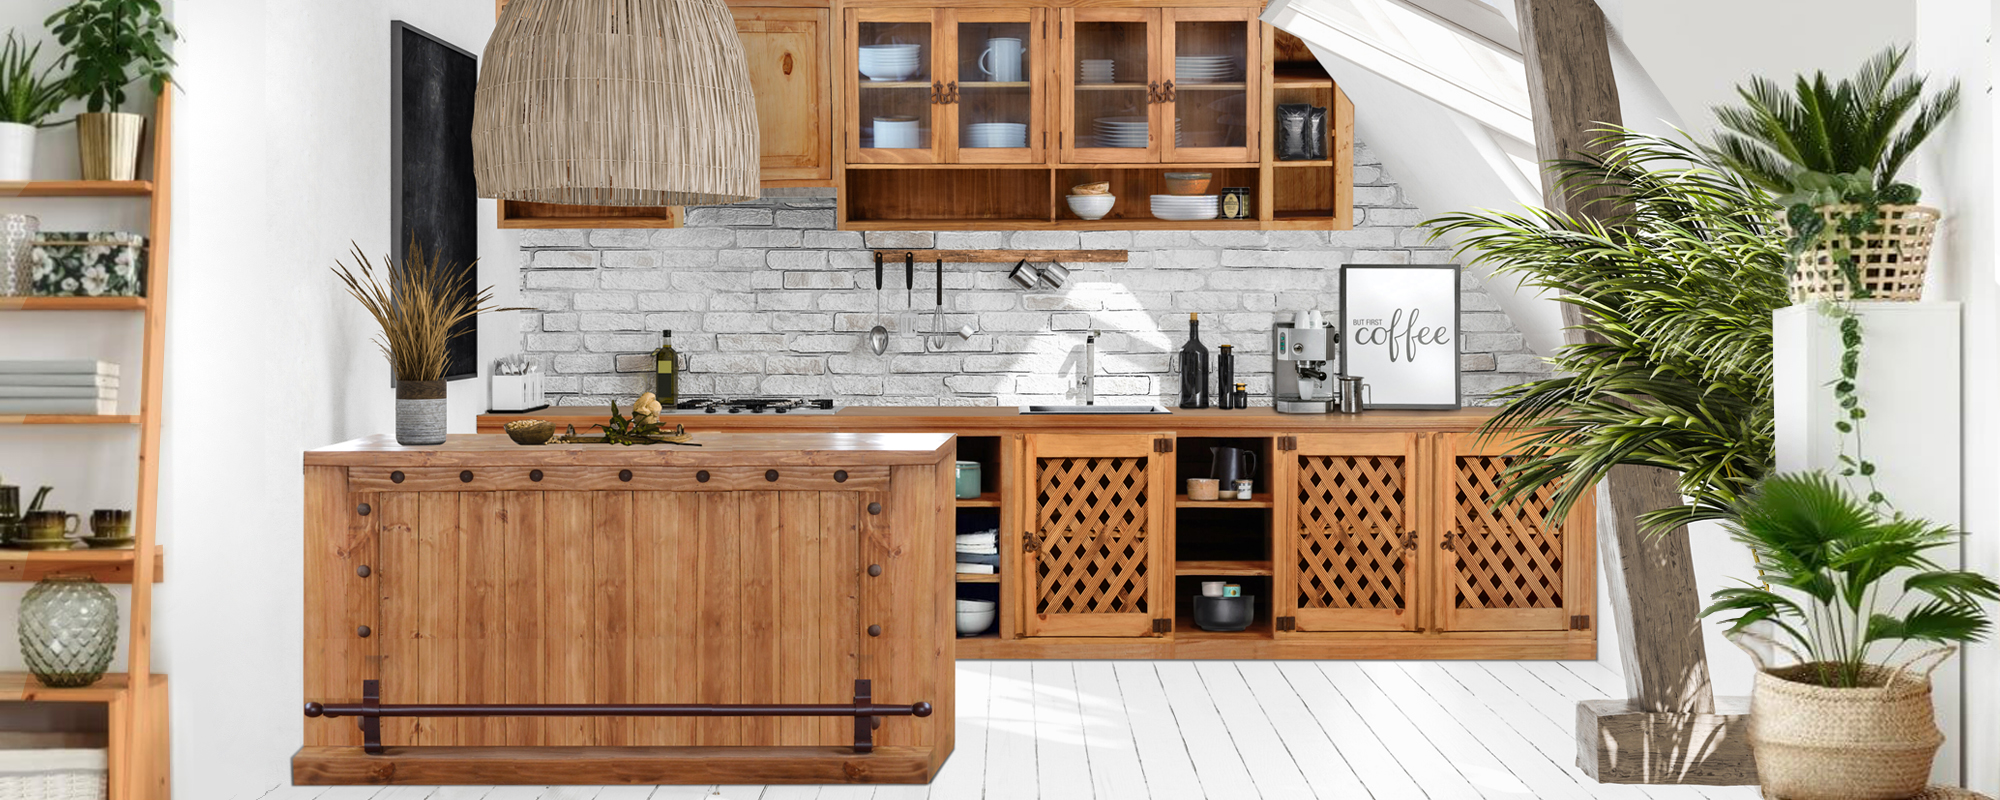 Full Size of Bar Kaufen Küche Mit Elektrogeräten Sofa Abnehmbaren Bezug Outdoor Esstisch Glas Ausziehbar Barock Bett Bartisch Günstig Duschen Gebrauchte Verkaufen Wohnzimmer Bar Kaufen